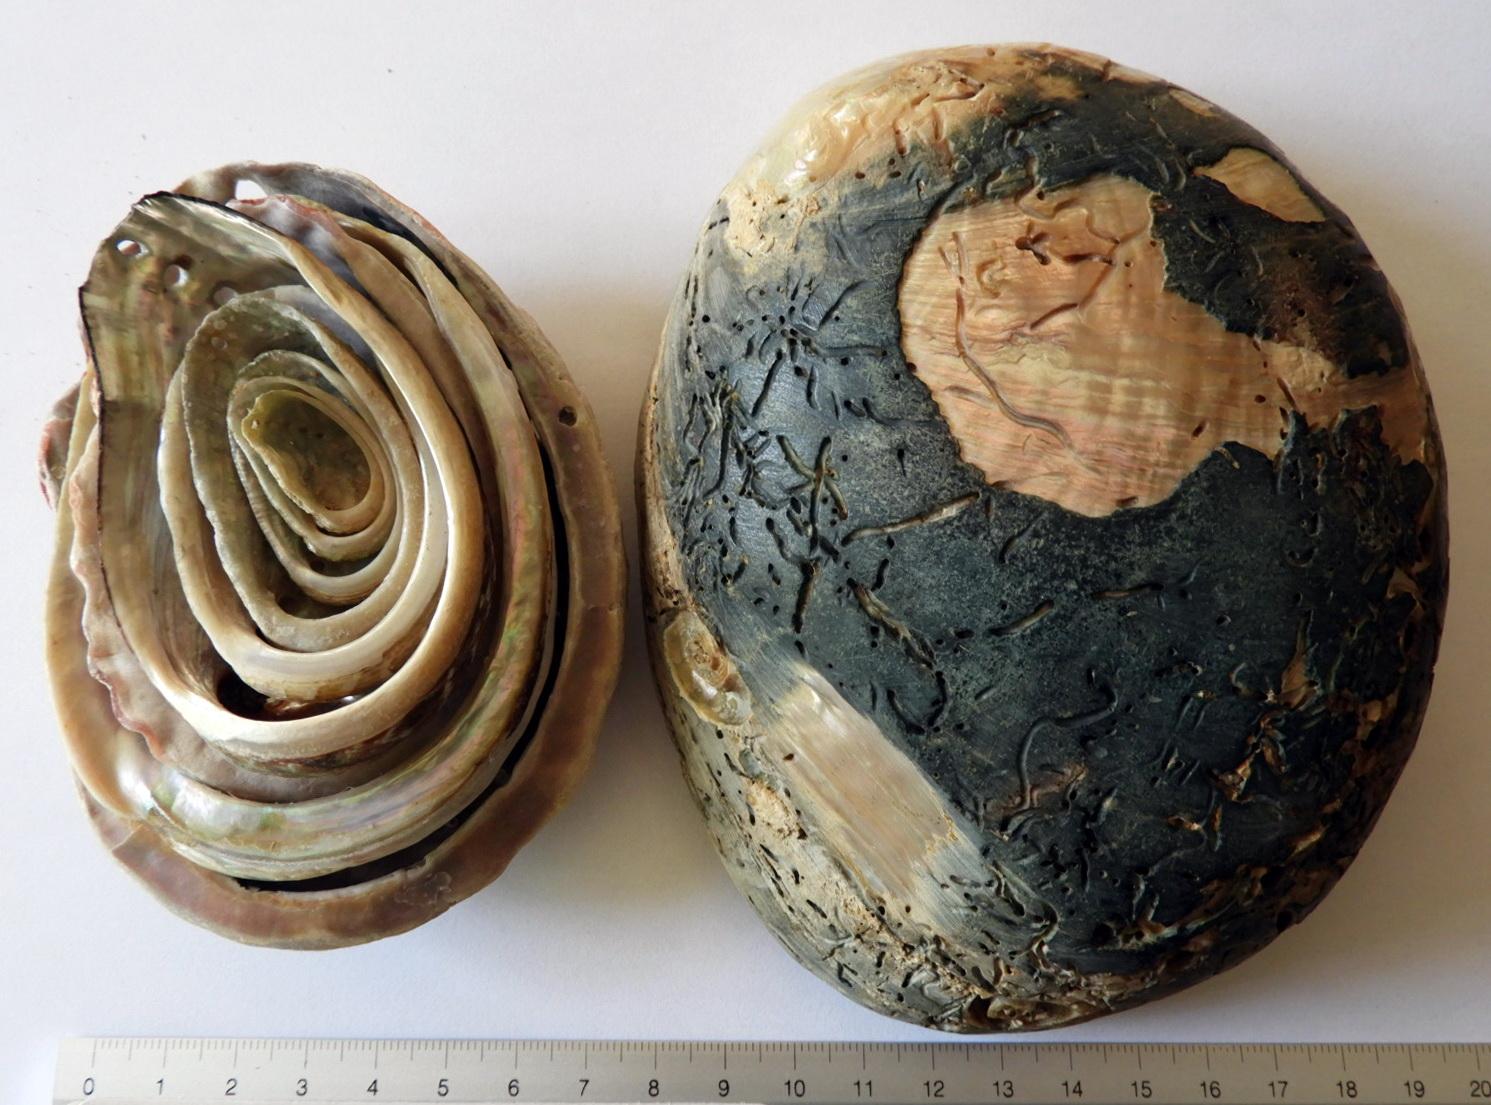 Ο άνθρακας 14 δεν είναι χρήσιμος για τα περισσότερα απολιθώματα